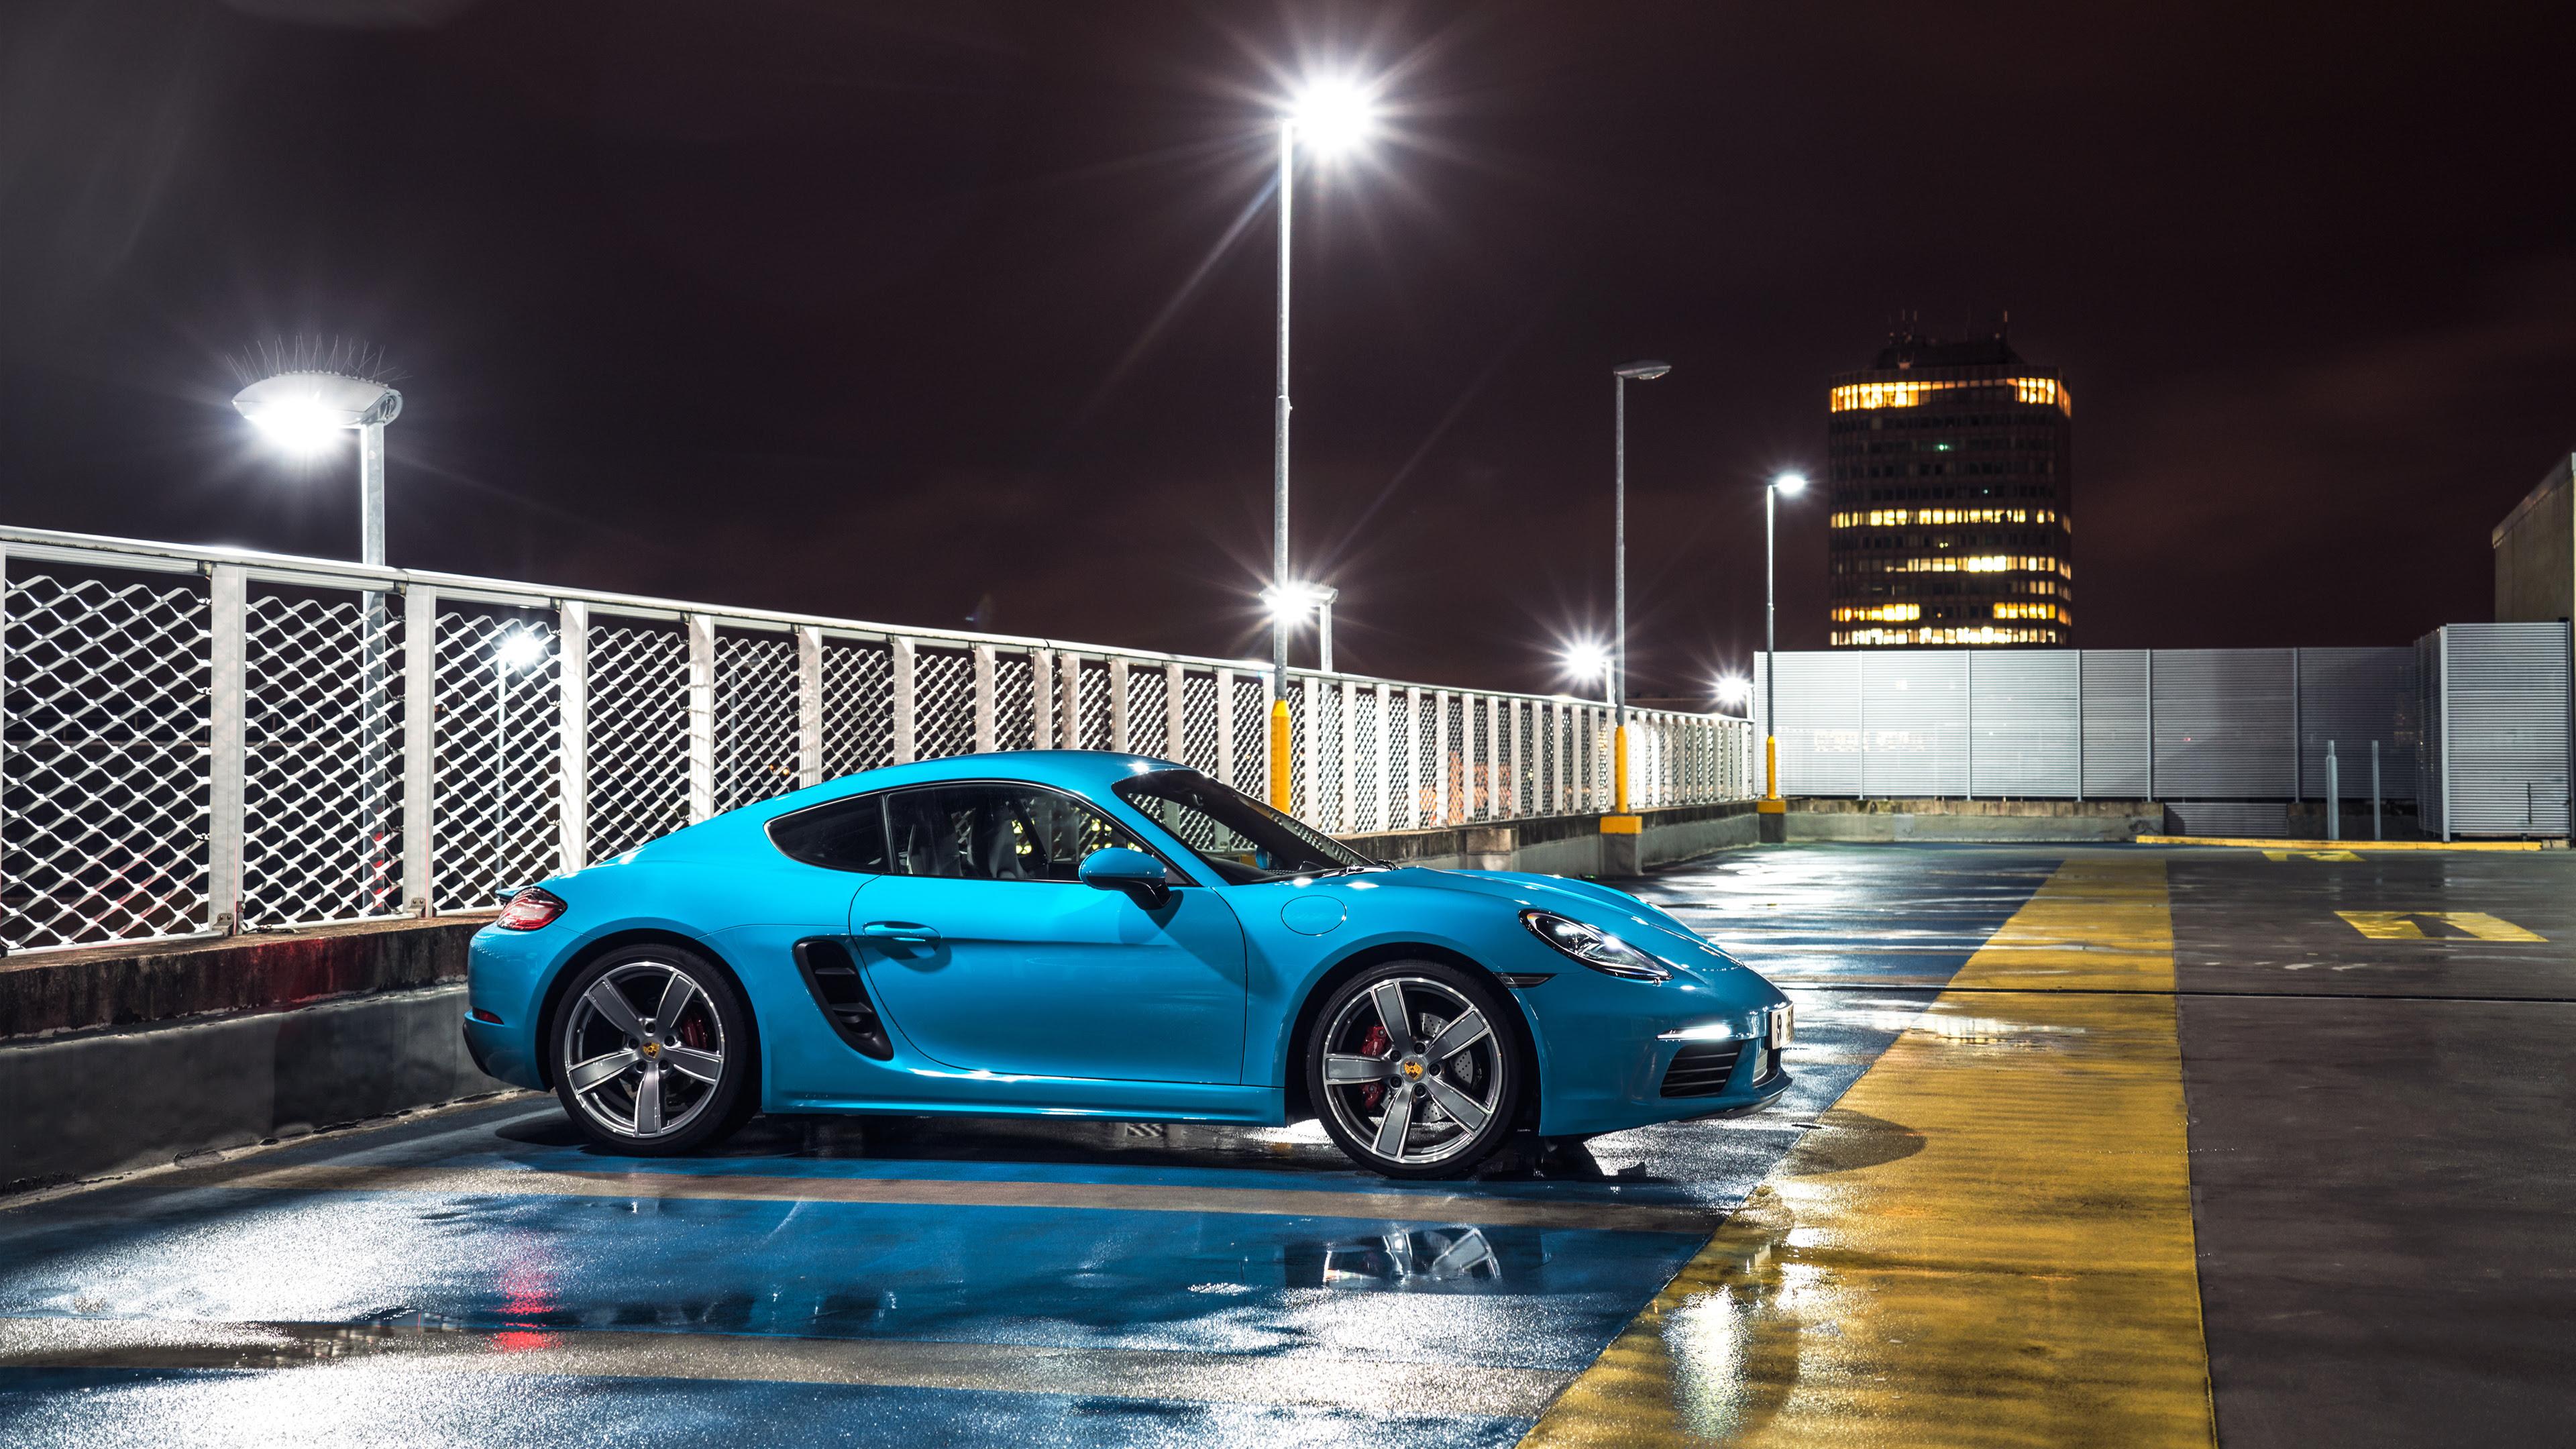 Porsche Cayman S 4K Wallpaper   HD Car Wallpapers   ID #7165